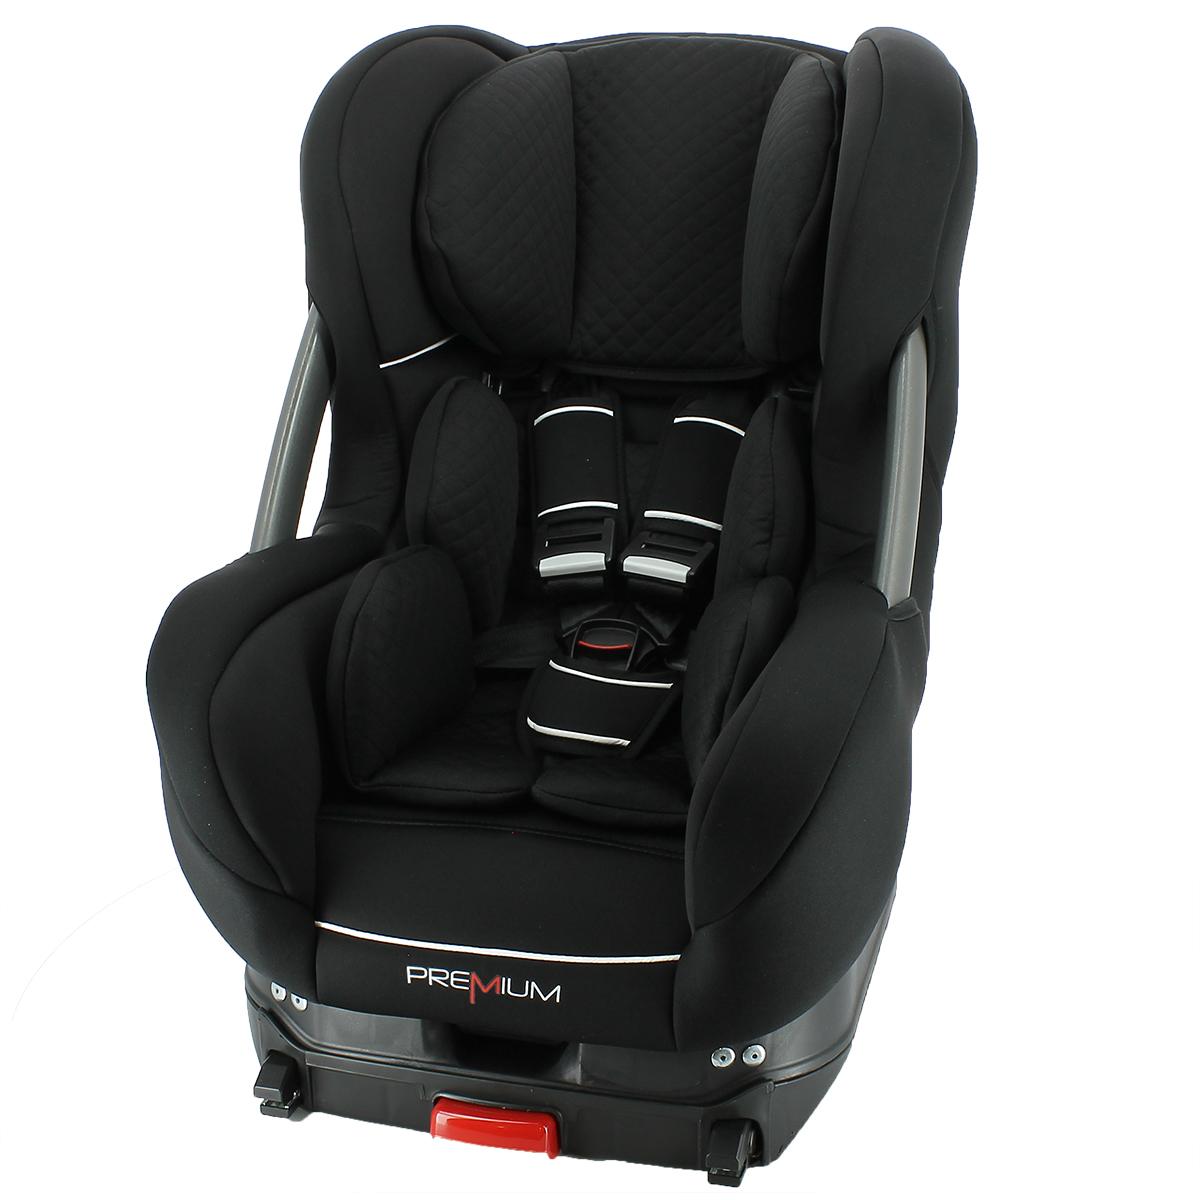 Premium autostol - Eris - i-Size - Sort - 61-105 cm